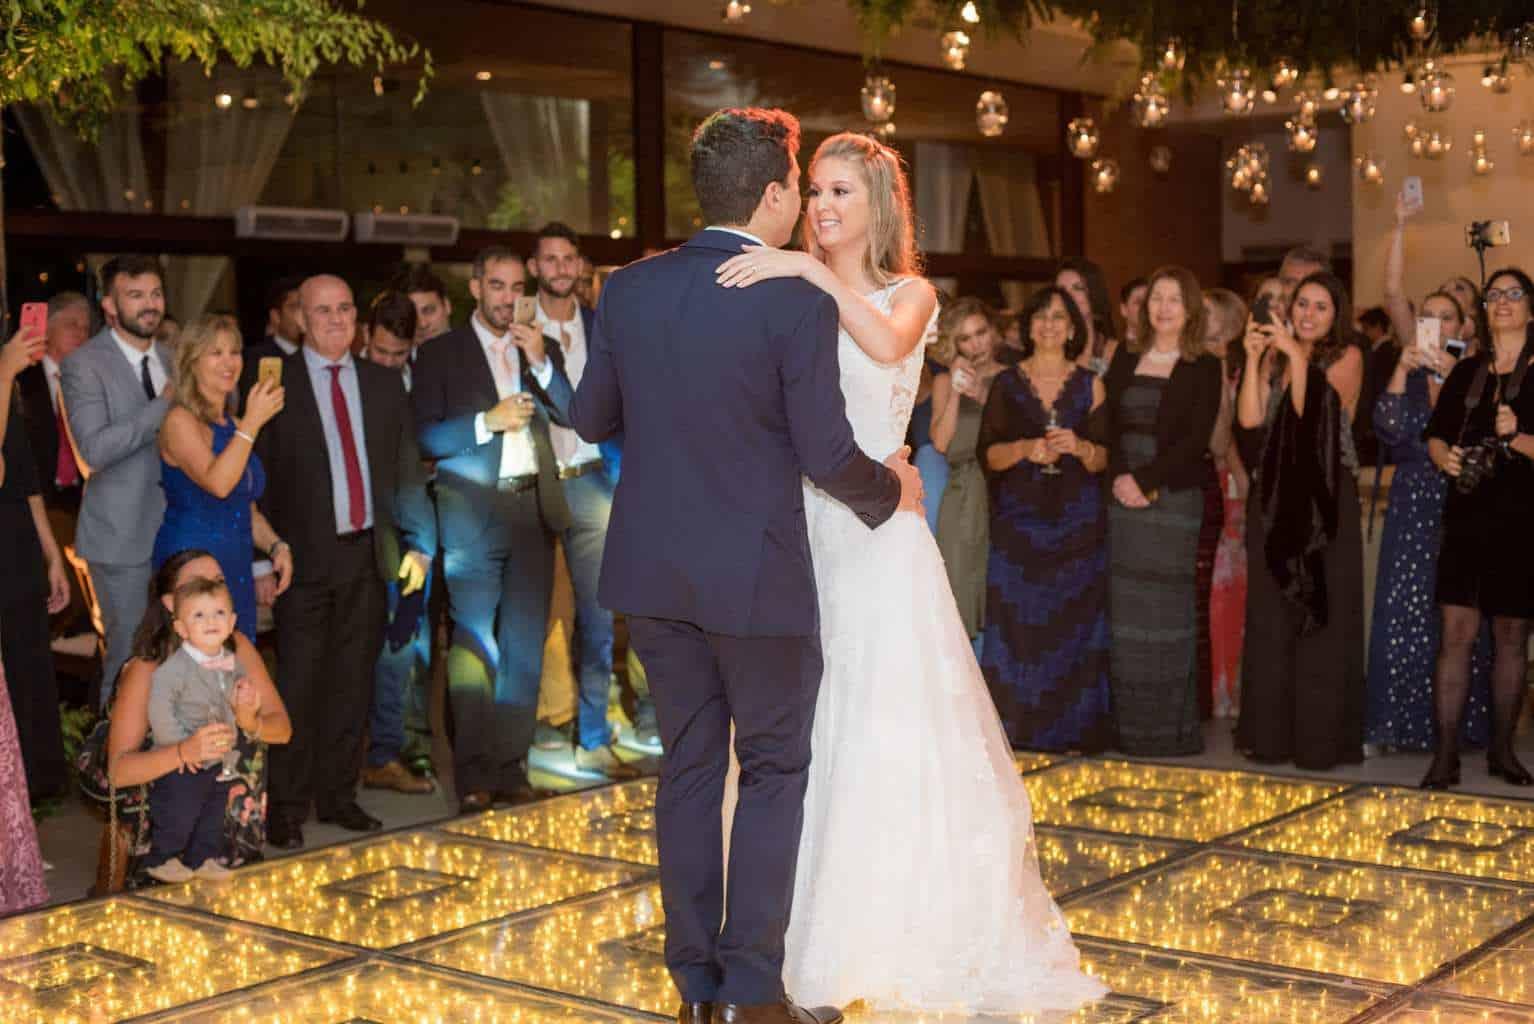 casamento-de-dia-casamento-Nicole-e-Thales-casamento-no-jardim-csasamento-ao-ar-livre-Fotografia-Marina-Fava-Galeria-Jardim-Rio-de-Janeiro-120